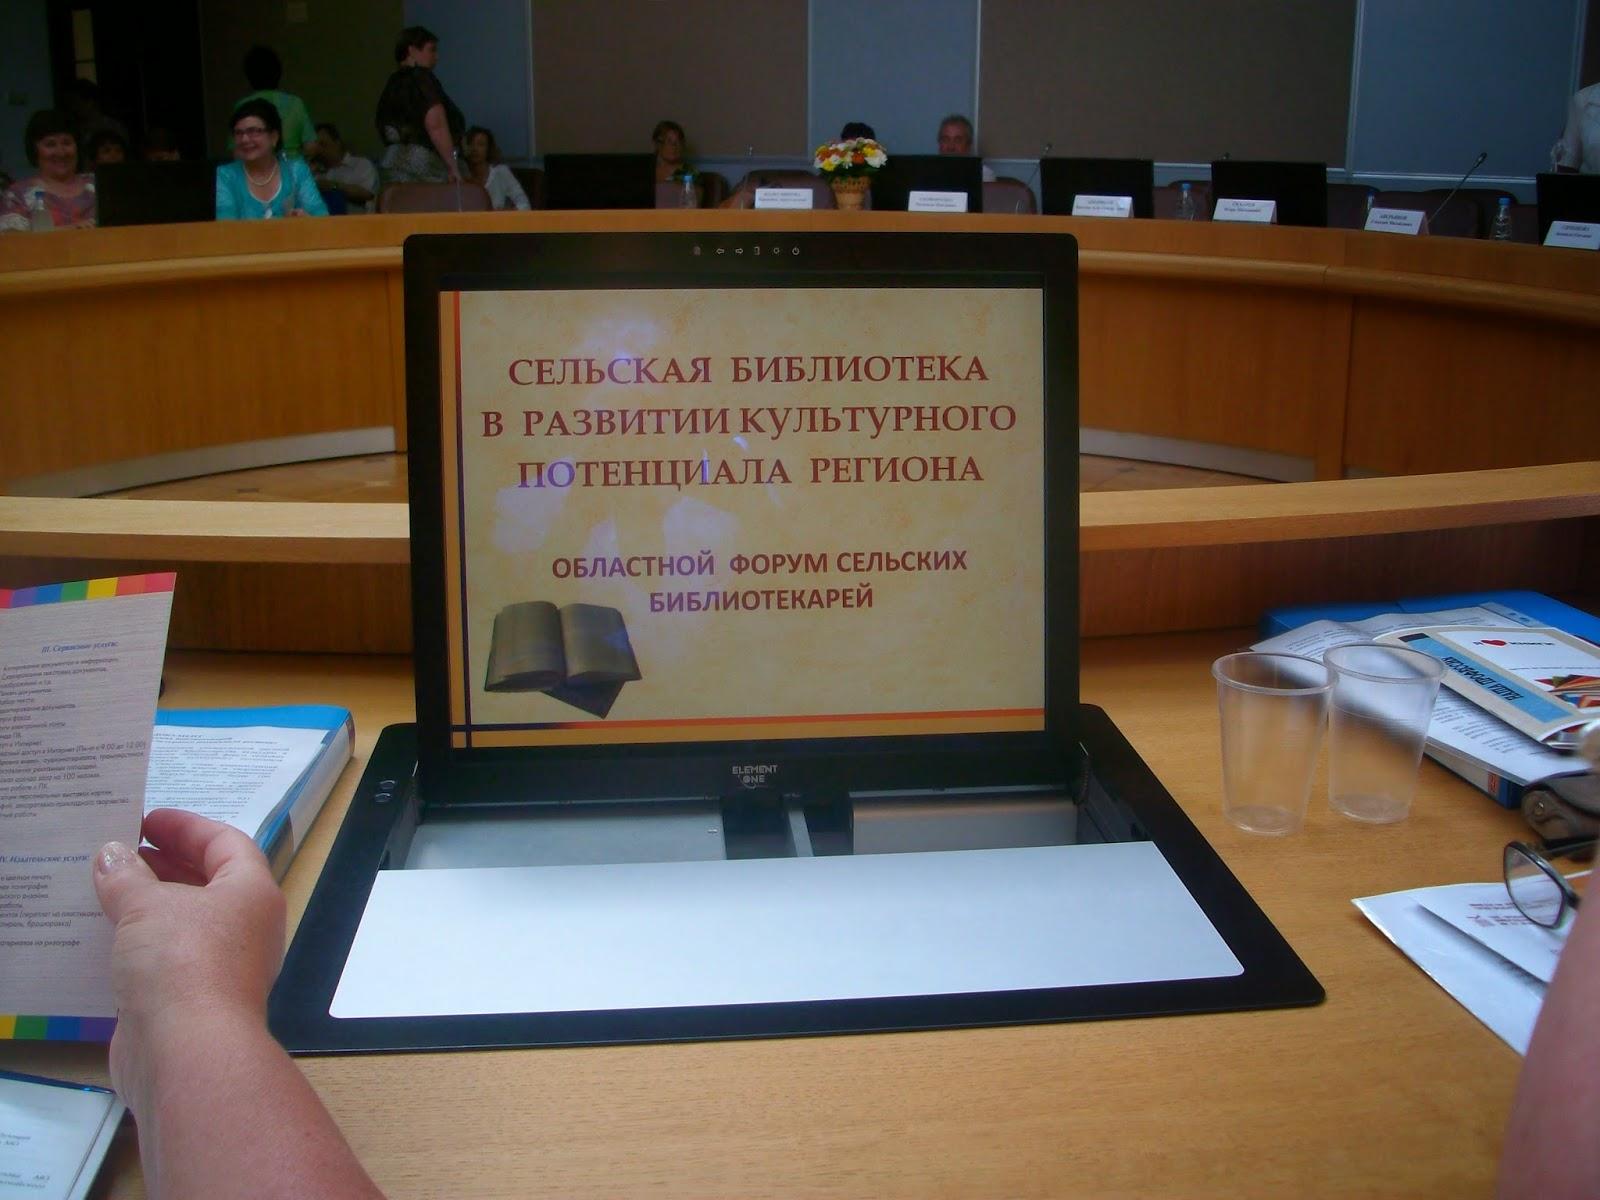 Будет ли повышение зарплаты (окладов) библиотекарей в 2017 году в России